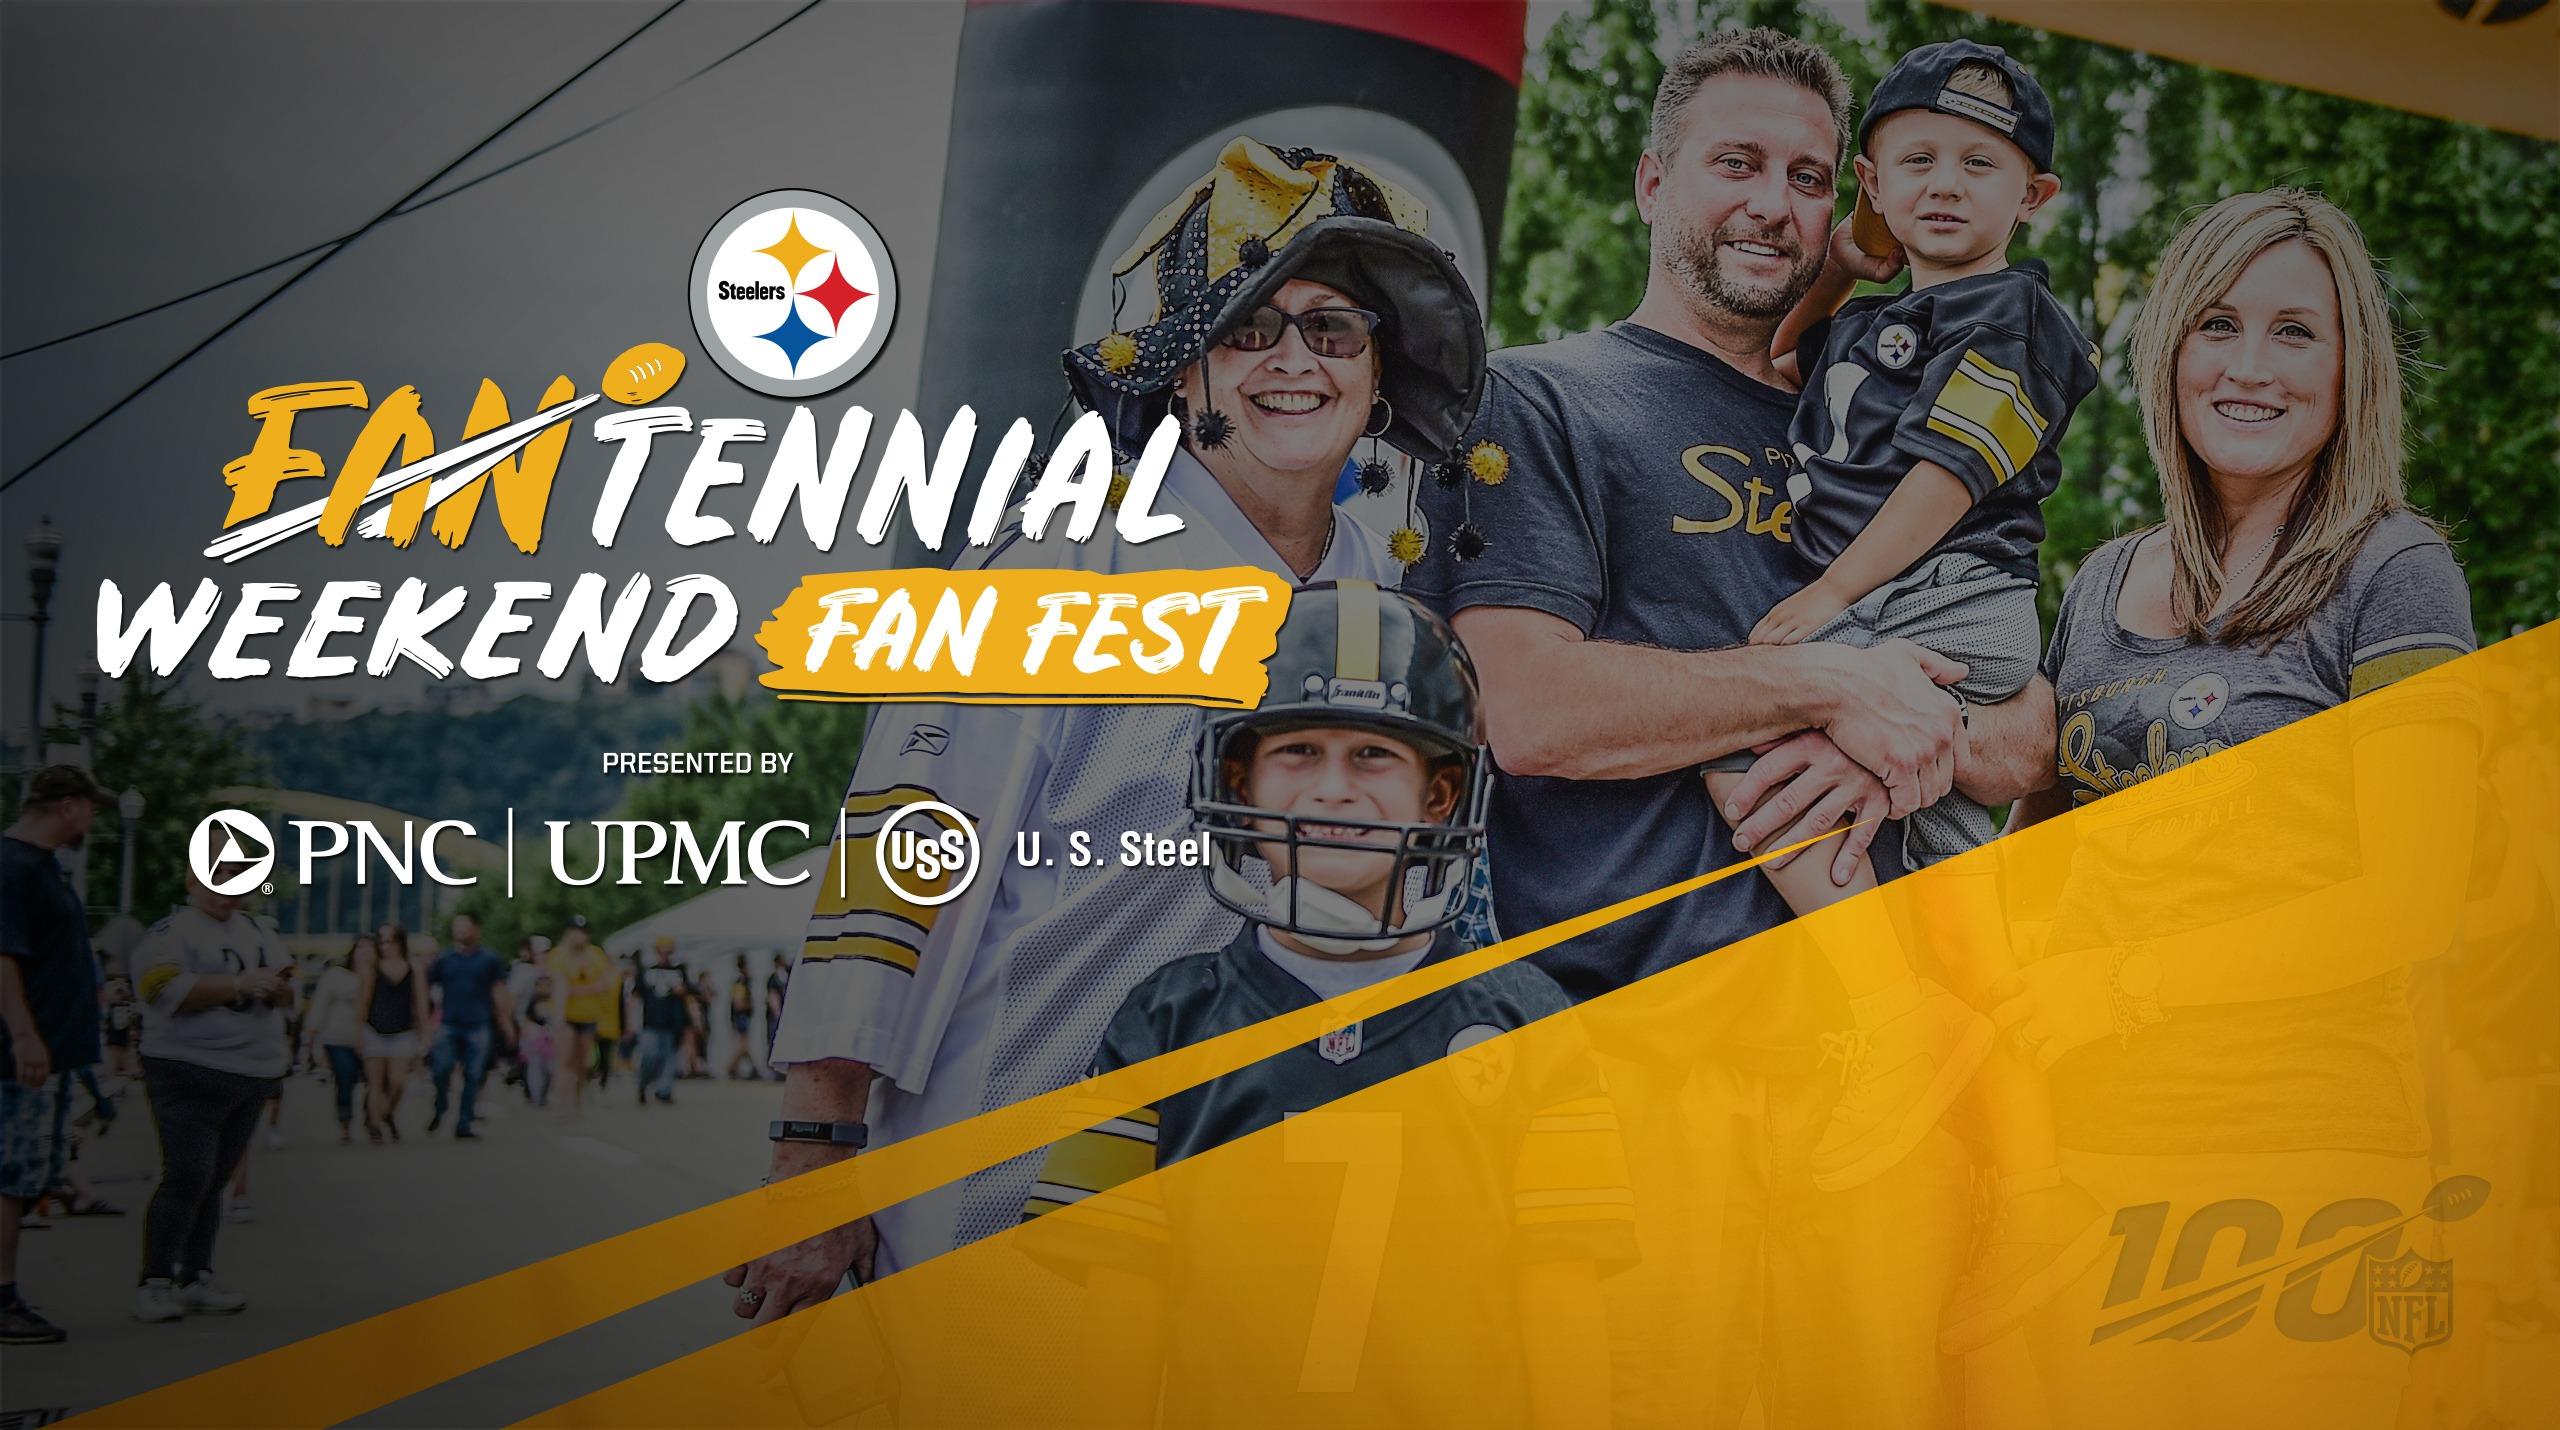 2019 Fantennial Fan Fest